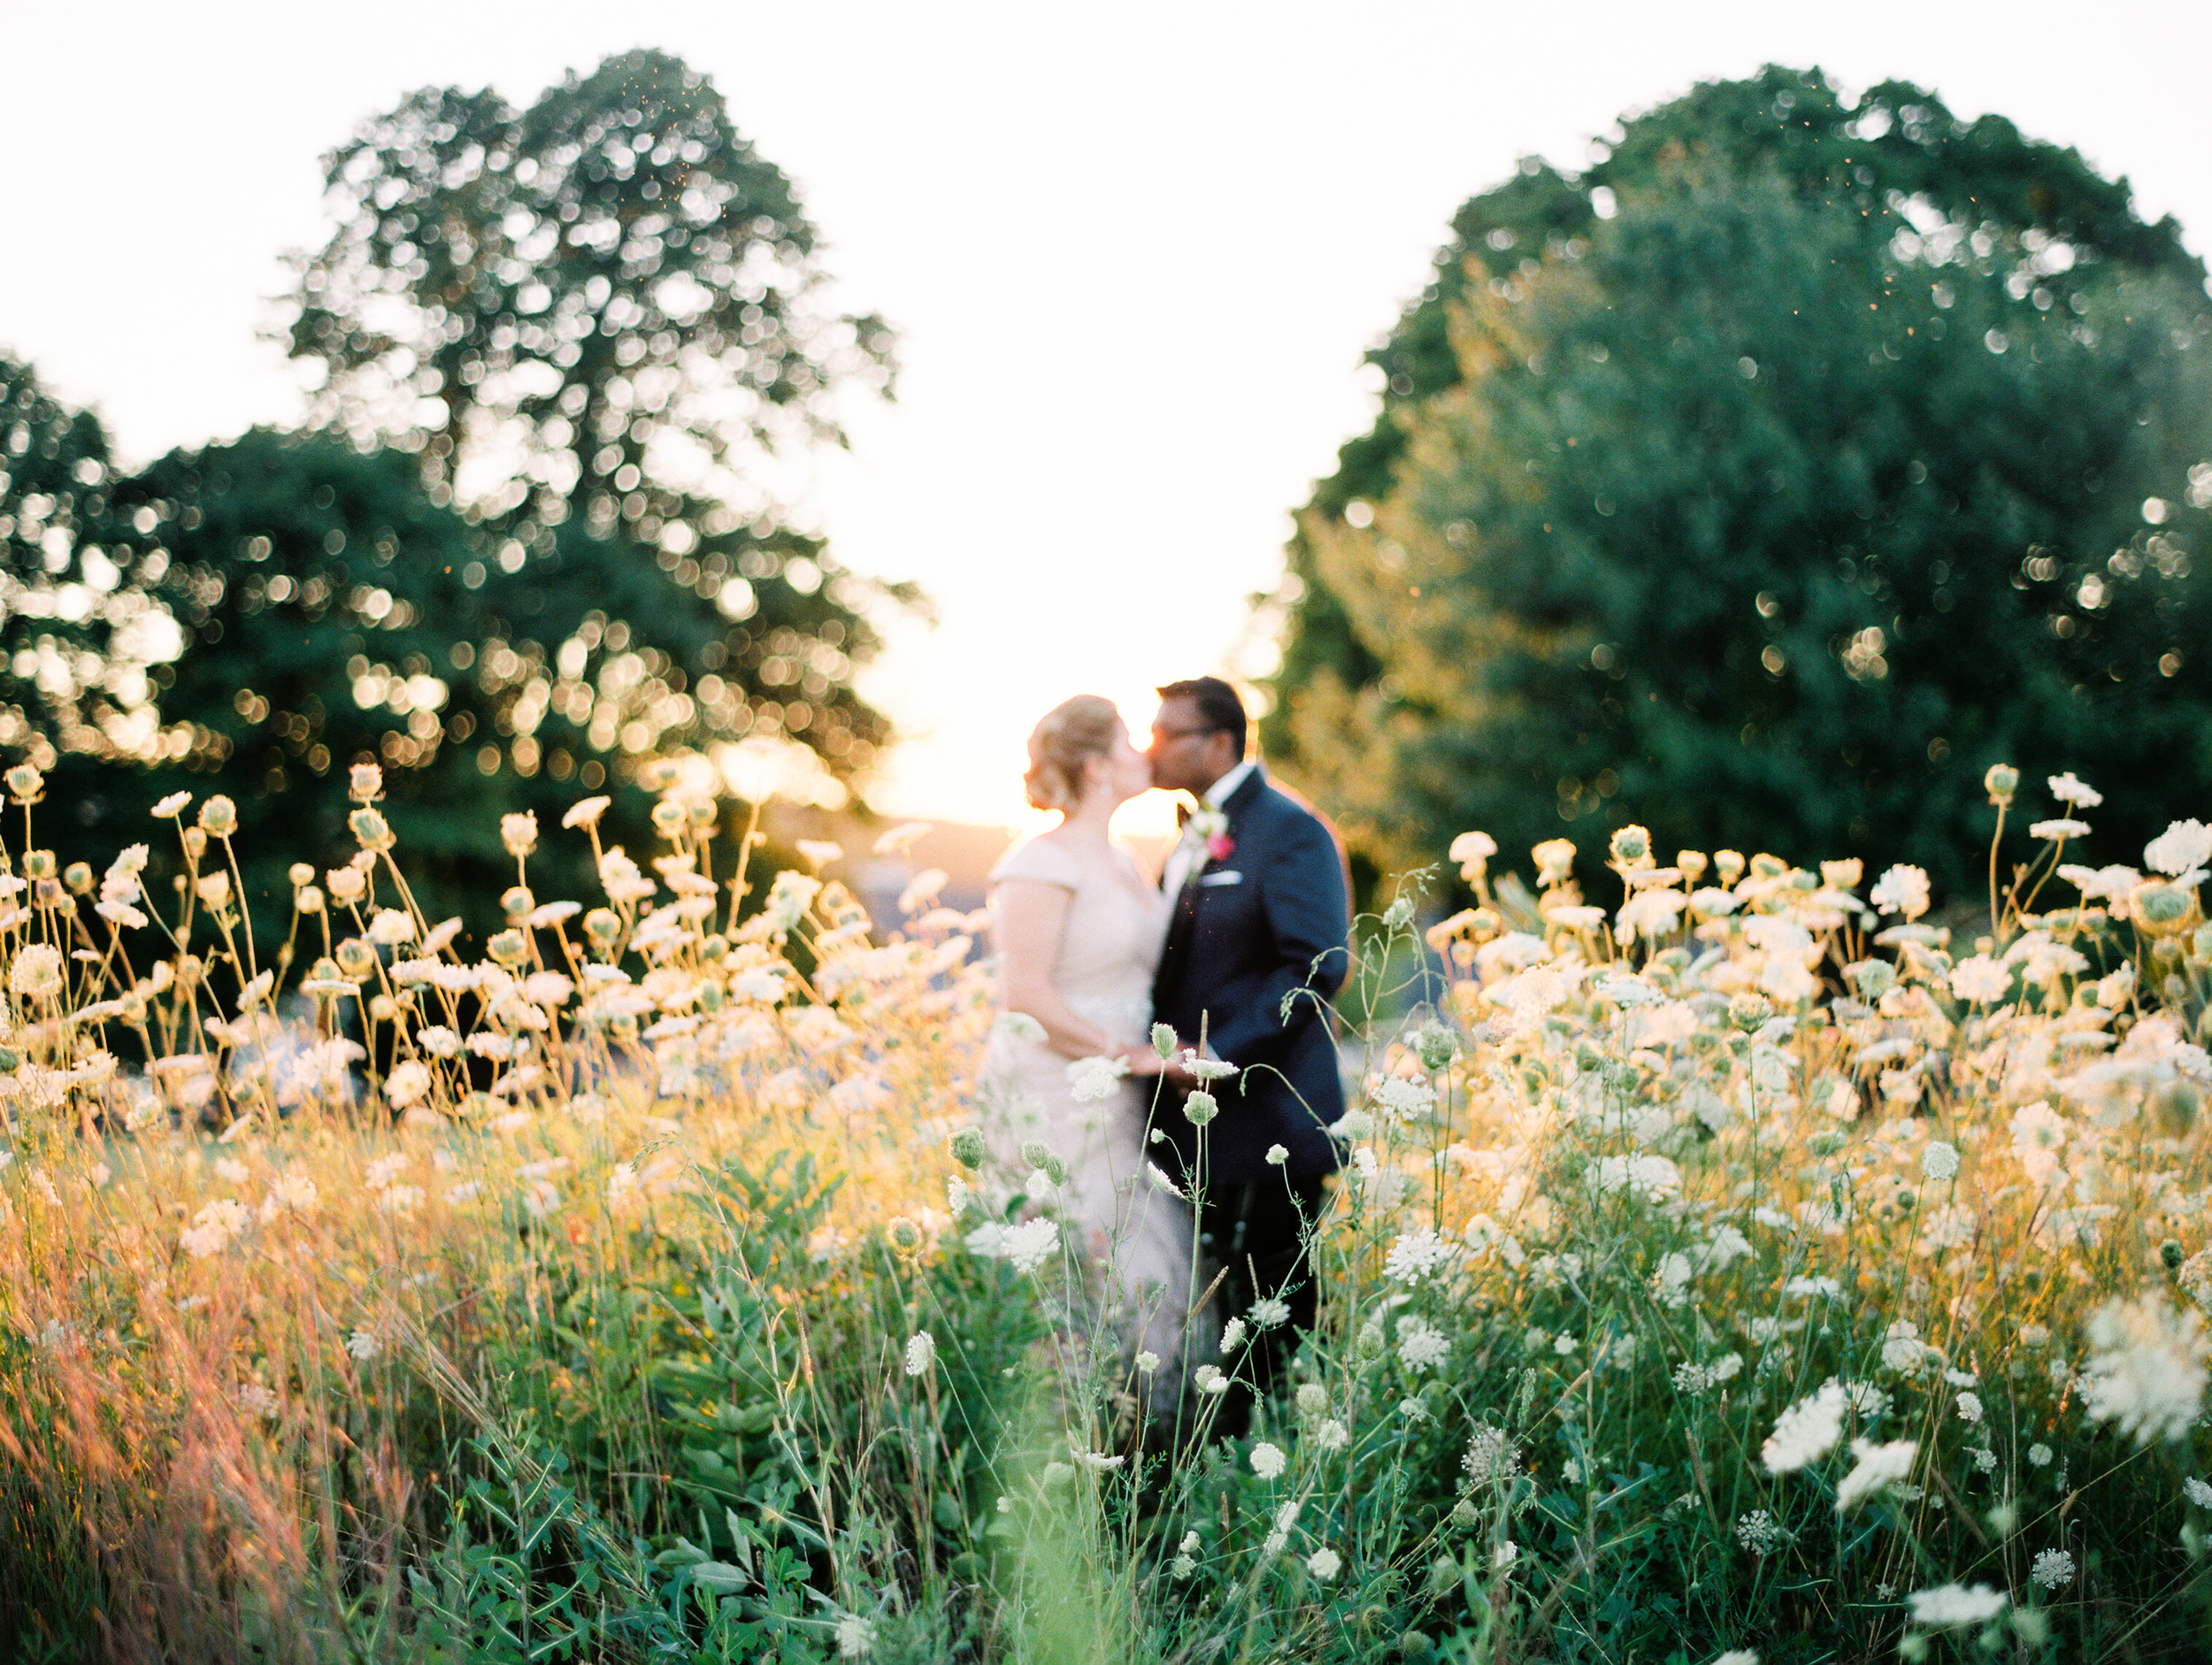 Govathoti+Wedding+Reception+BridalParty-78.jpg